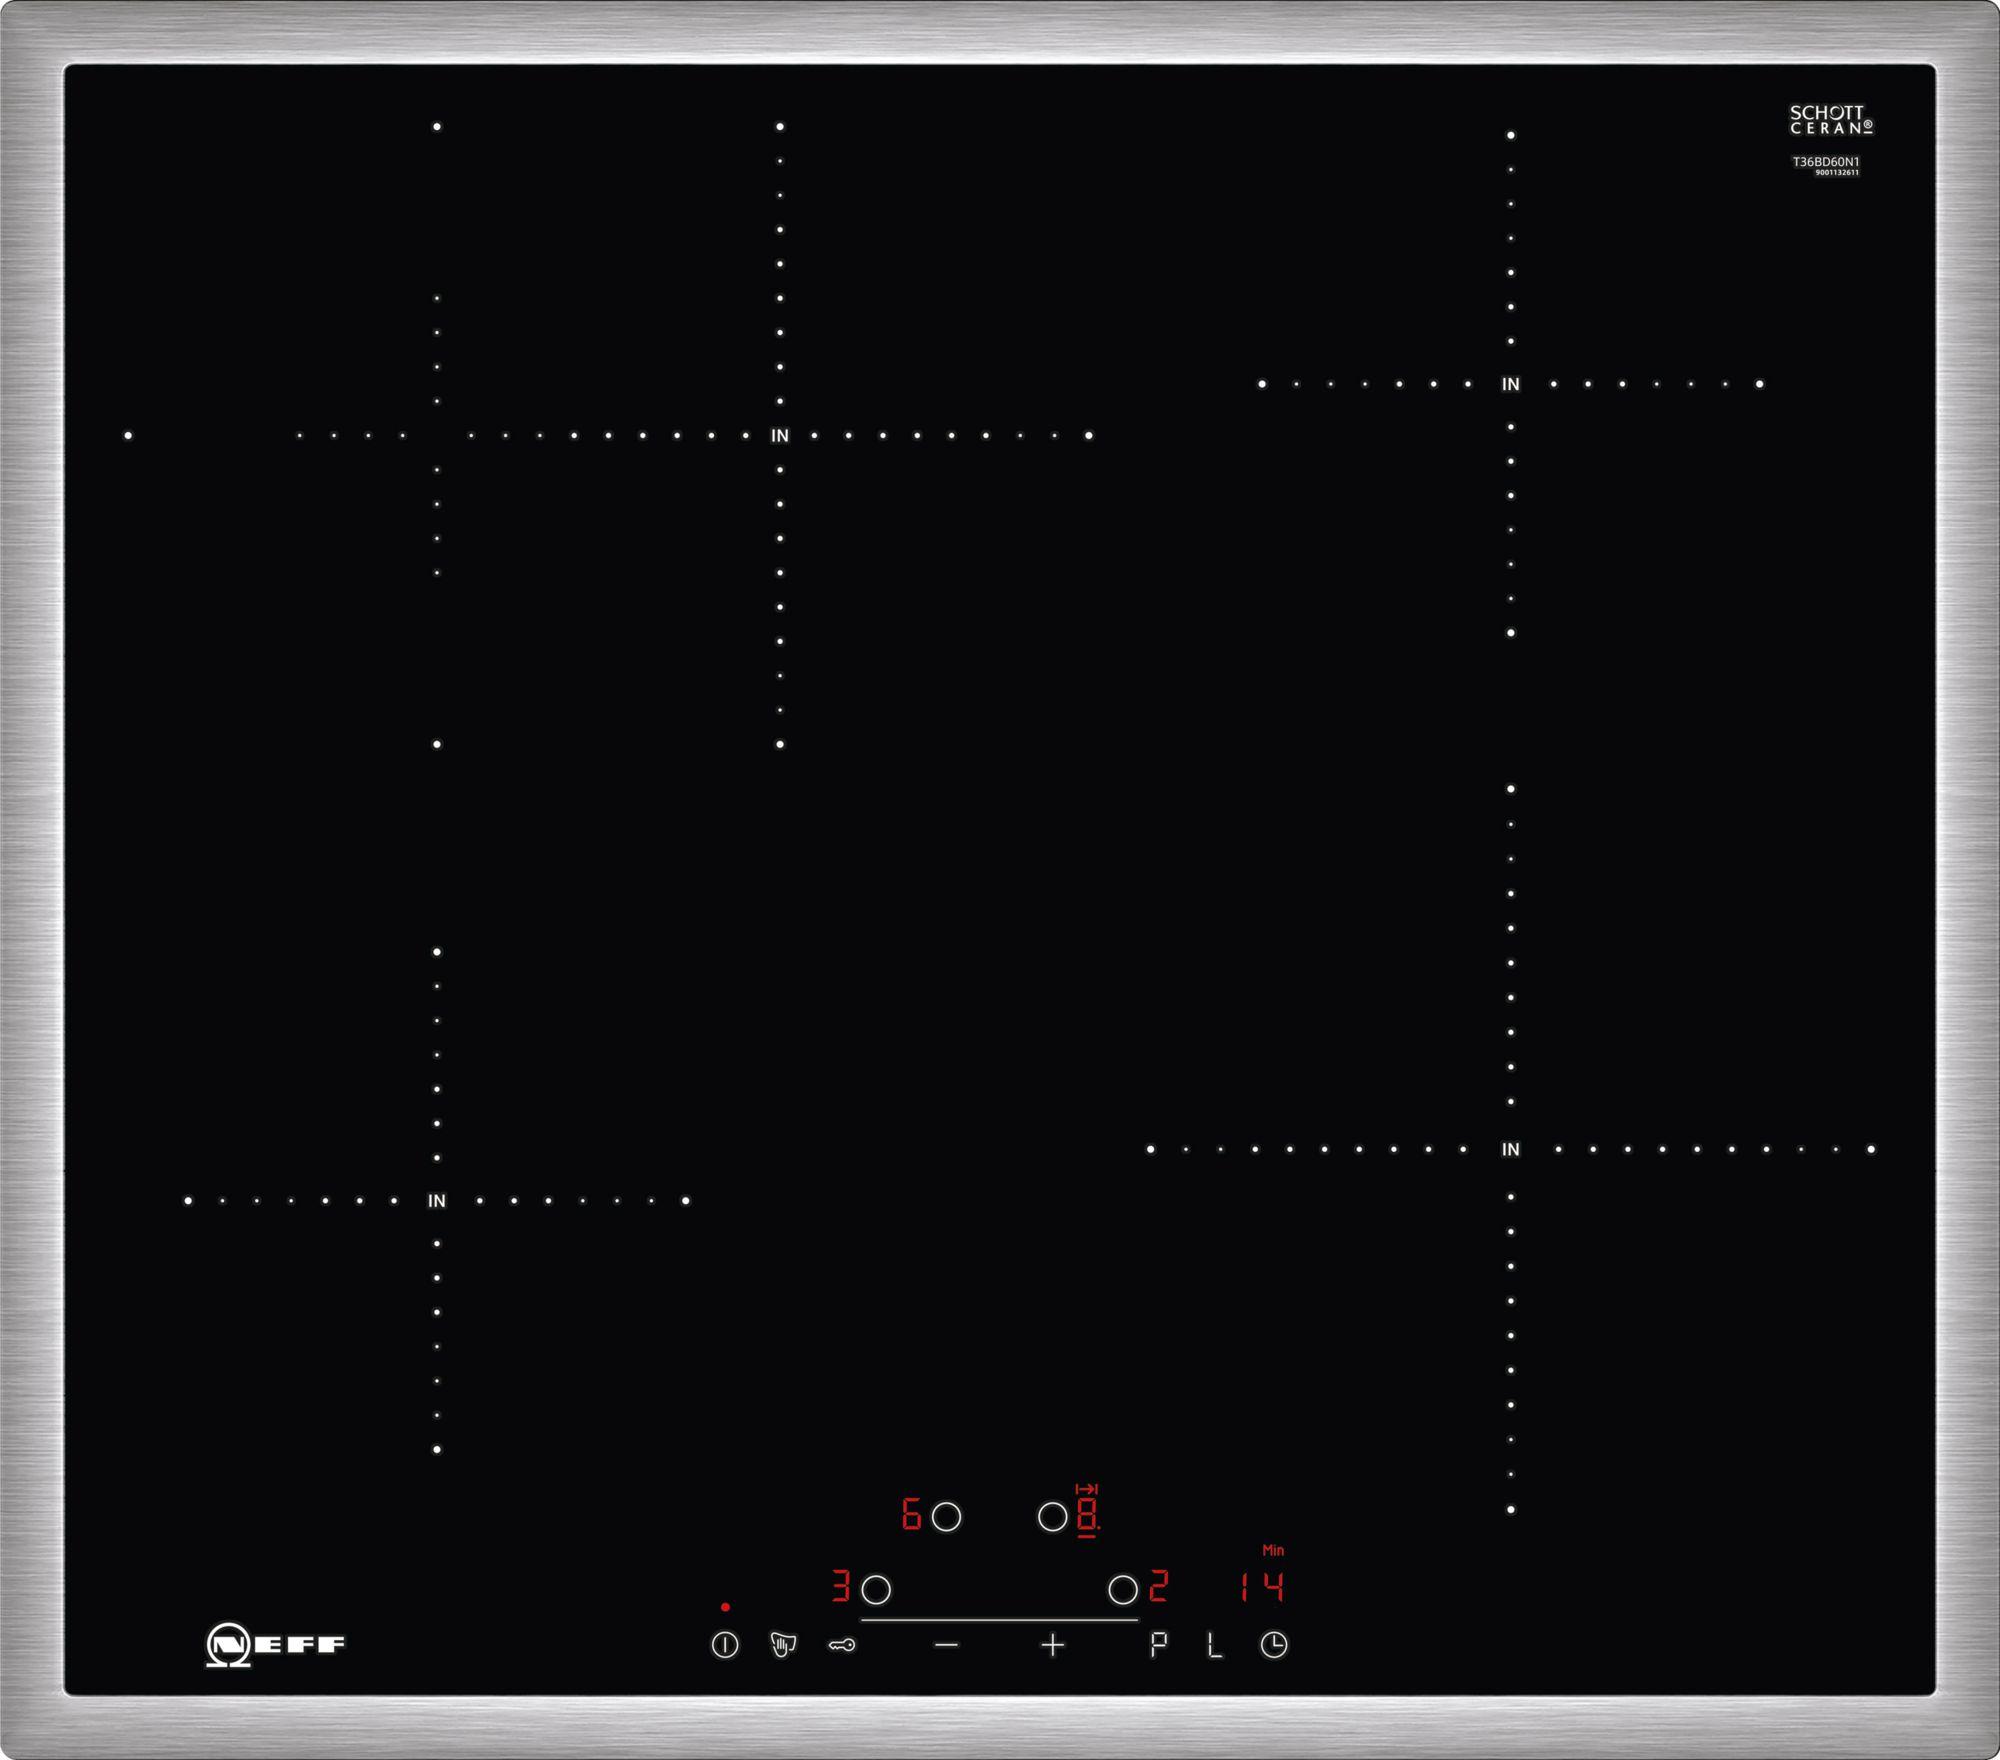 Neff T36BD60N1 Önállóan beépíthető indukciós főzőlap Touch Control vezérléssel